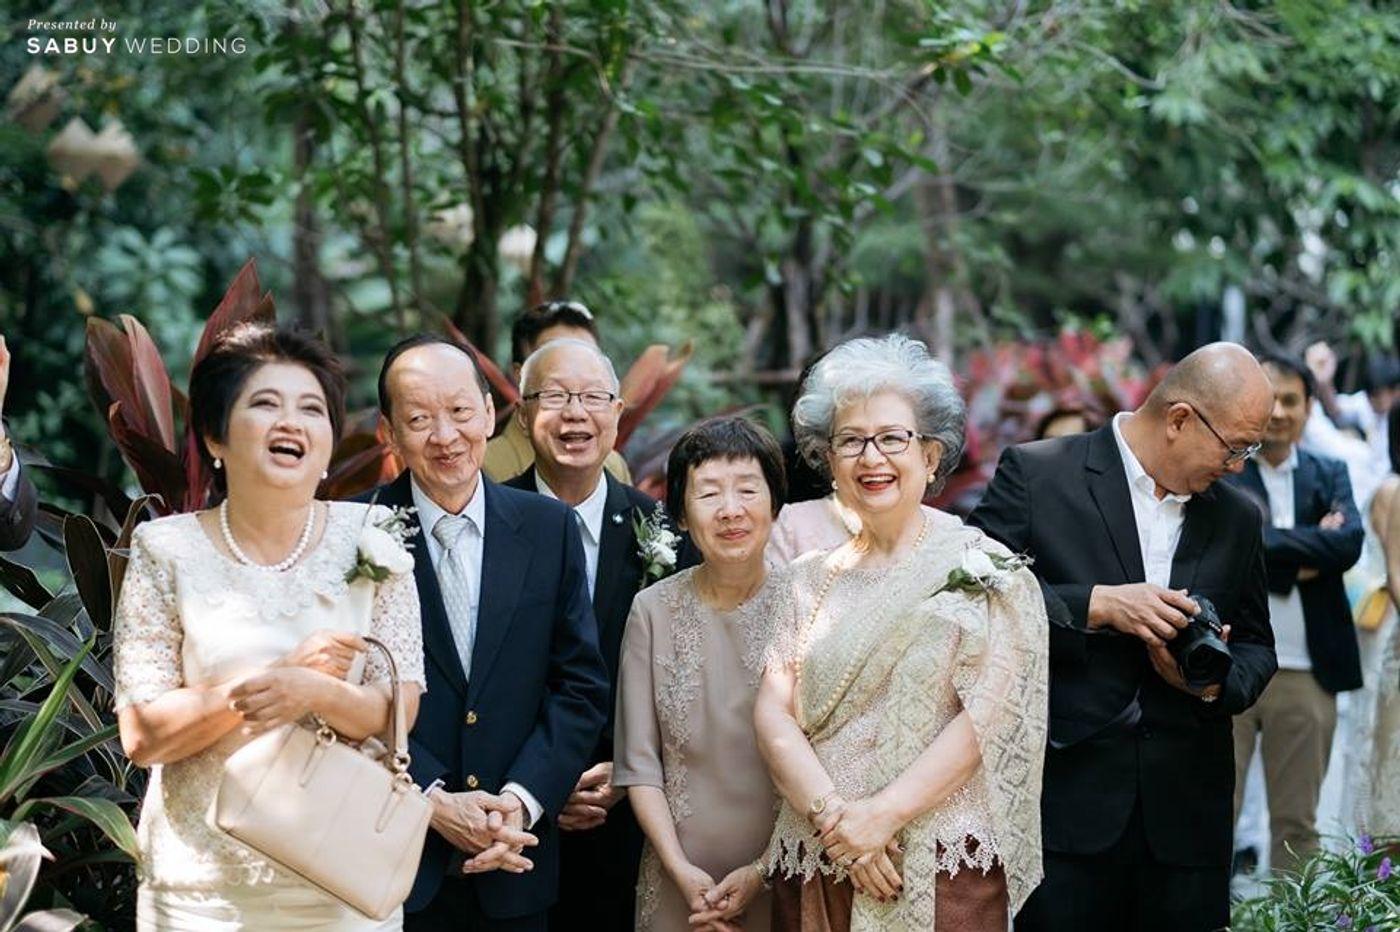 ครอบครัวบ่าวสาว,งานแต่งงาน รีวิวงานแต่งโรแมนติกมินิมอล อบอุ่นความหวาน ท่ามกลางร่มไม้ในสวน @The Gardens of Dinsor Palace